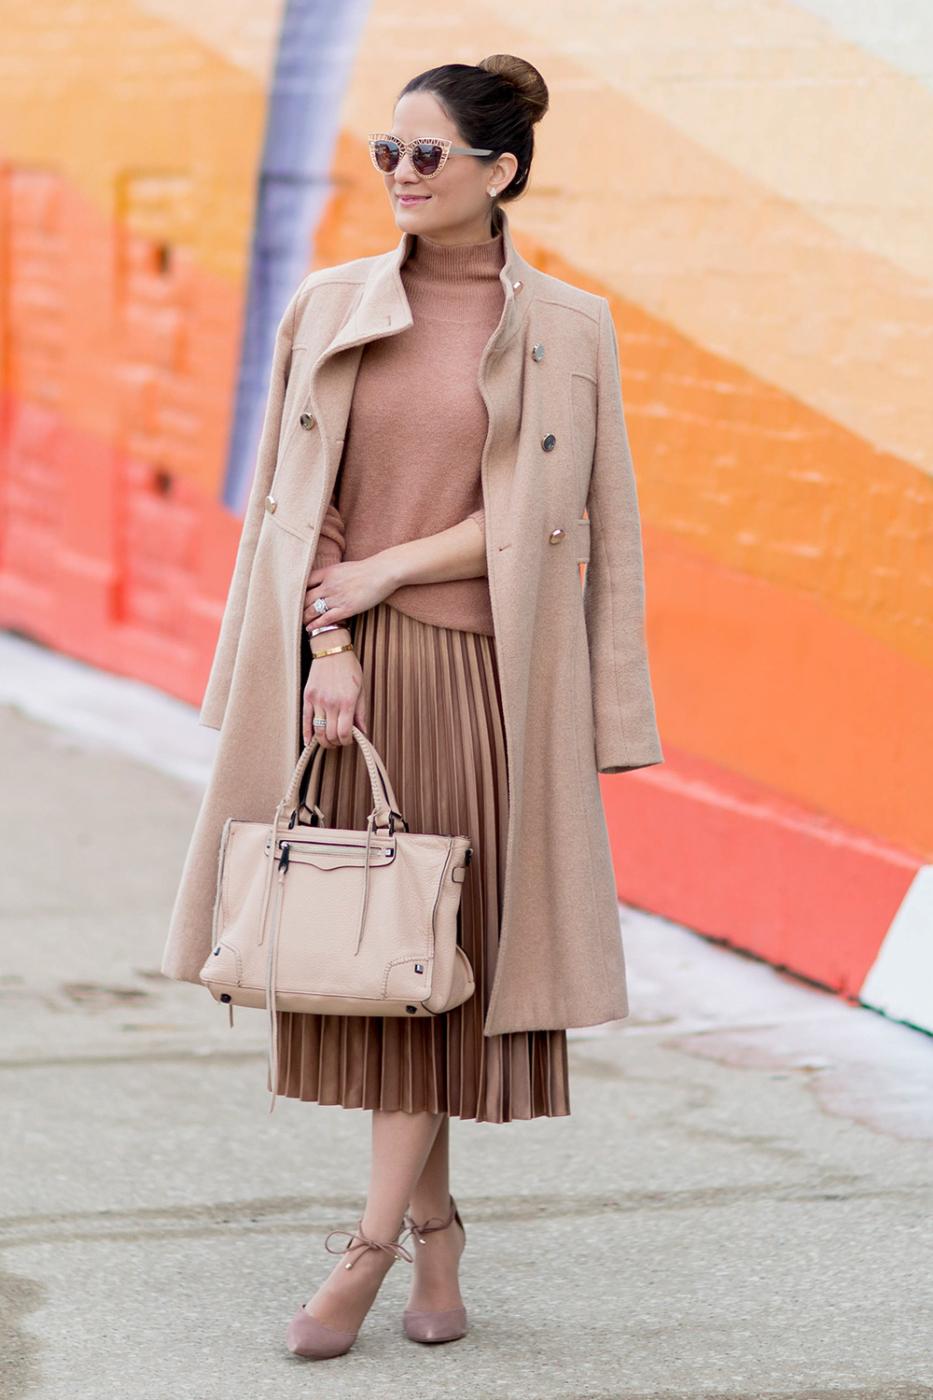 Tan Pleated Midi Skirt